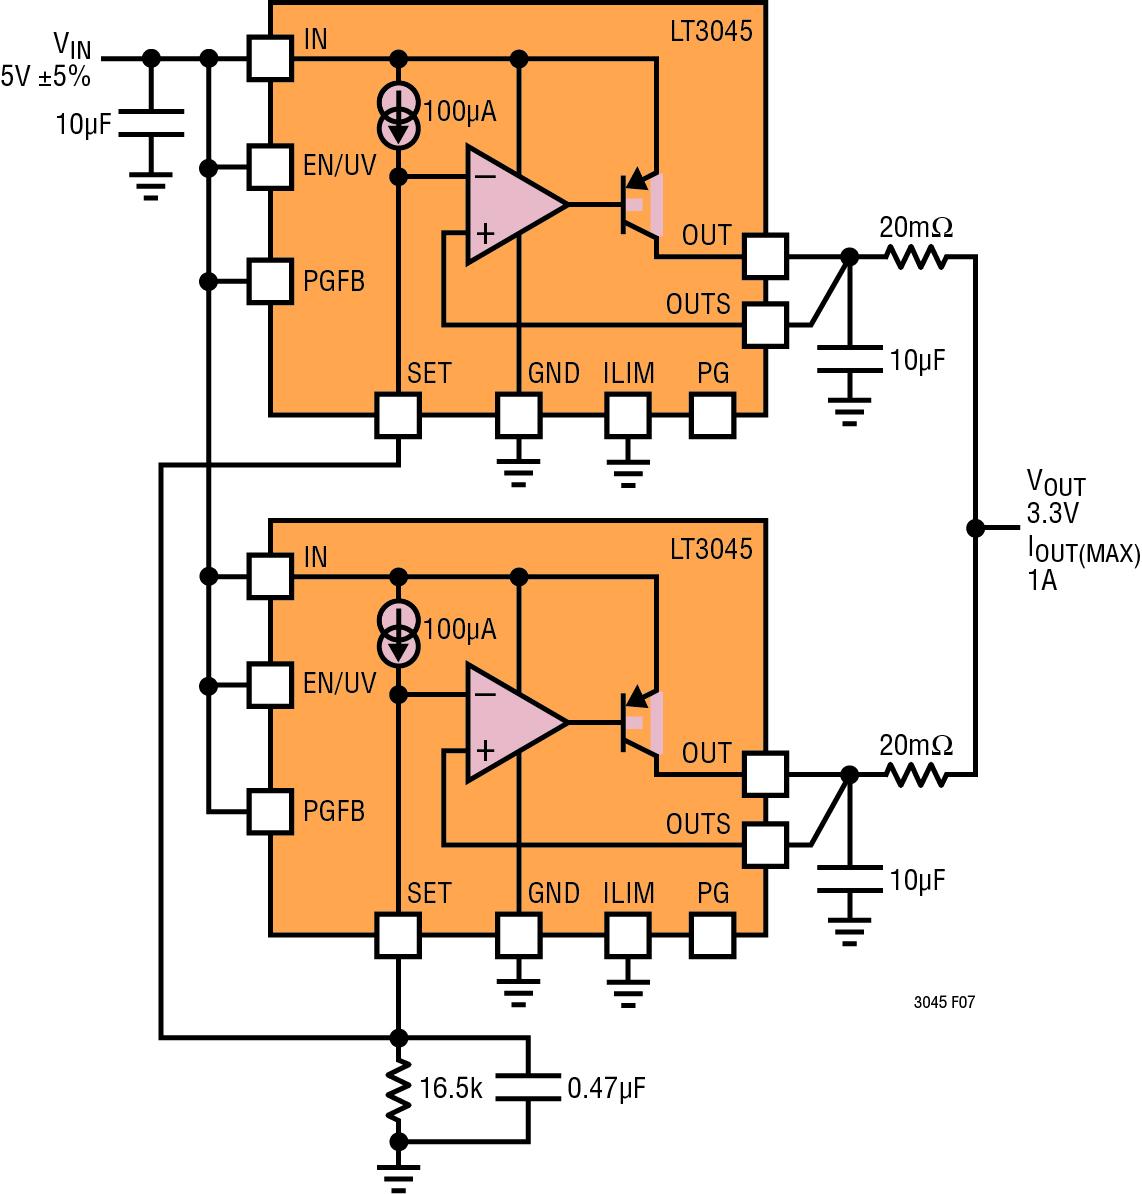 Figura 4. Funzionamento in parallelo dell'LT3045